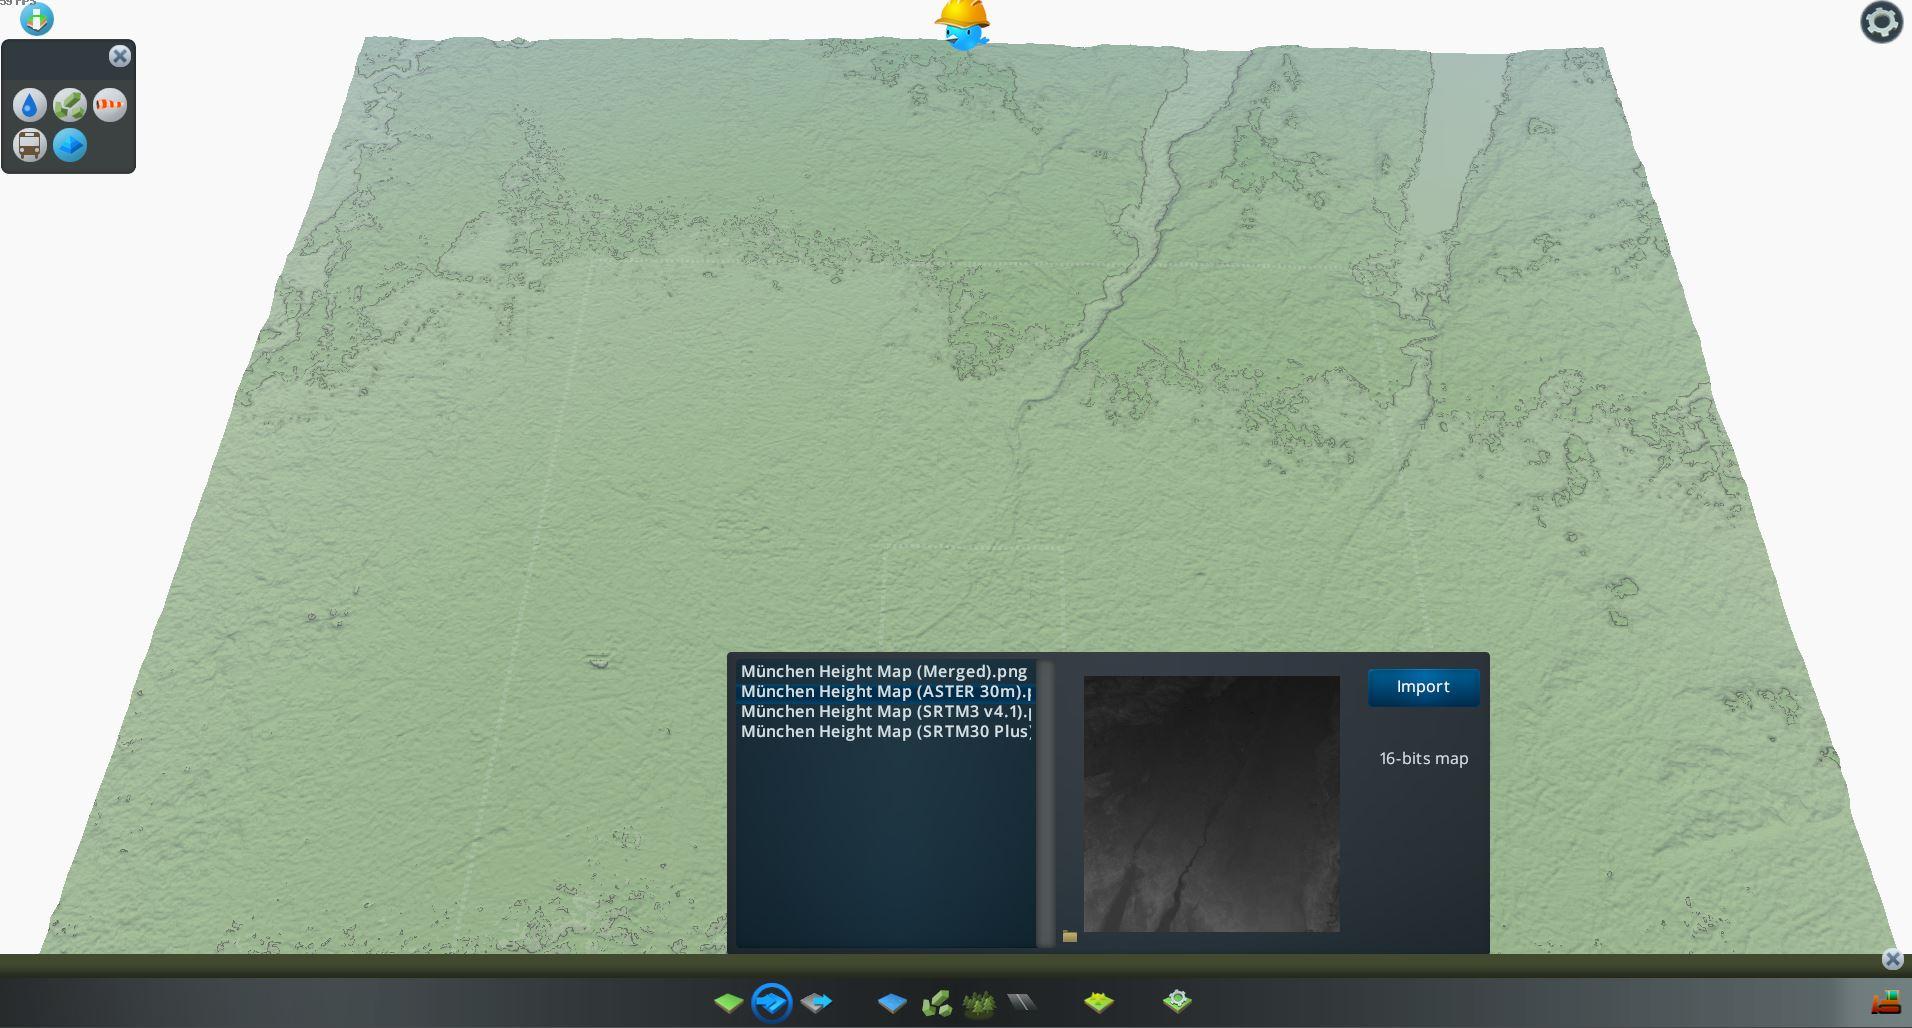 Bild der zweiten importierten Heightmap